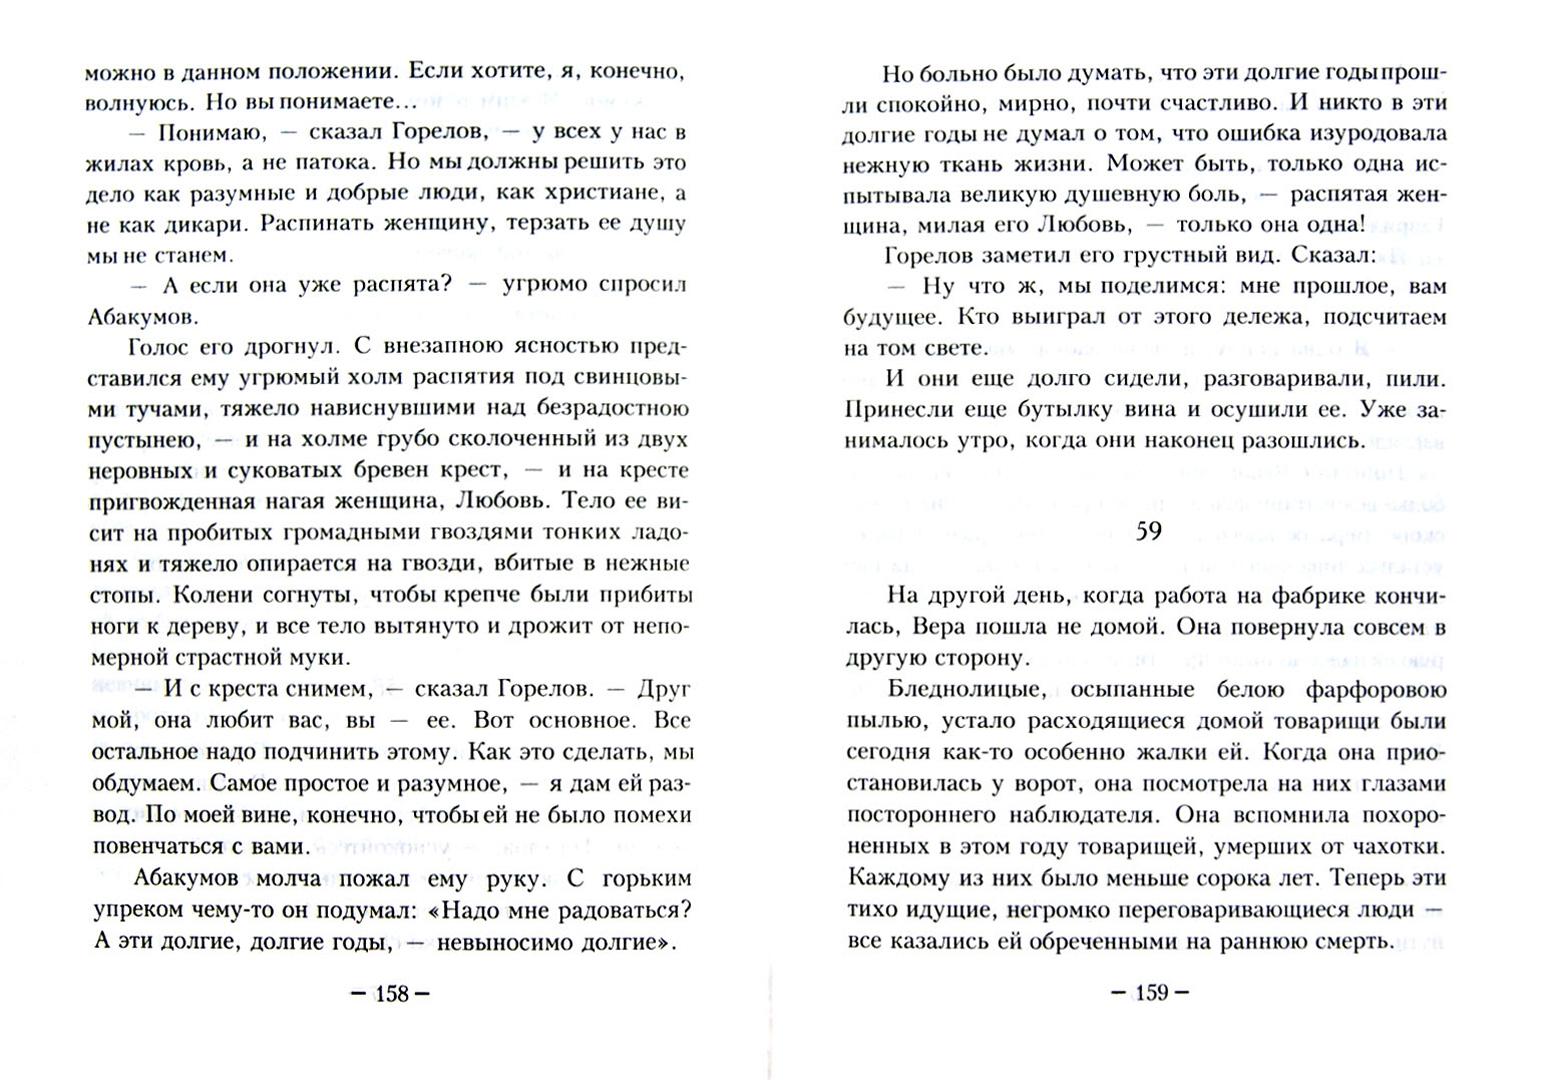 Иллюстрация 1 из 12 для Заклинательница змей - Федор Сологуб   Лабиринт - книги. Источник: Лабиринт